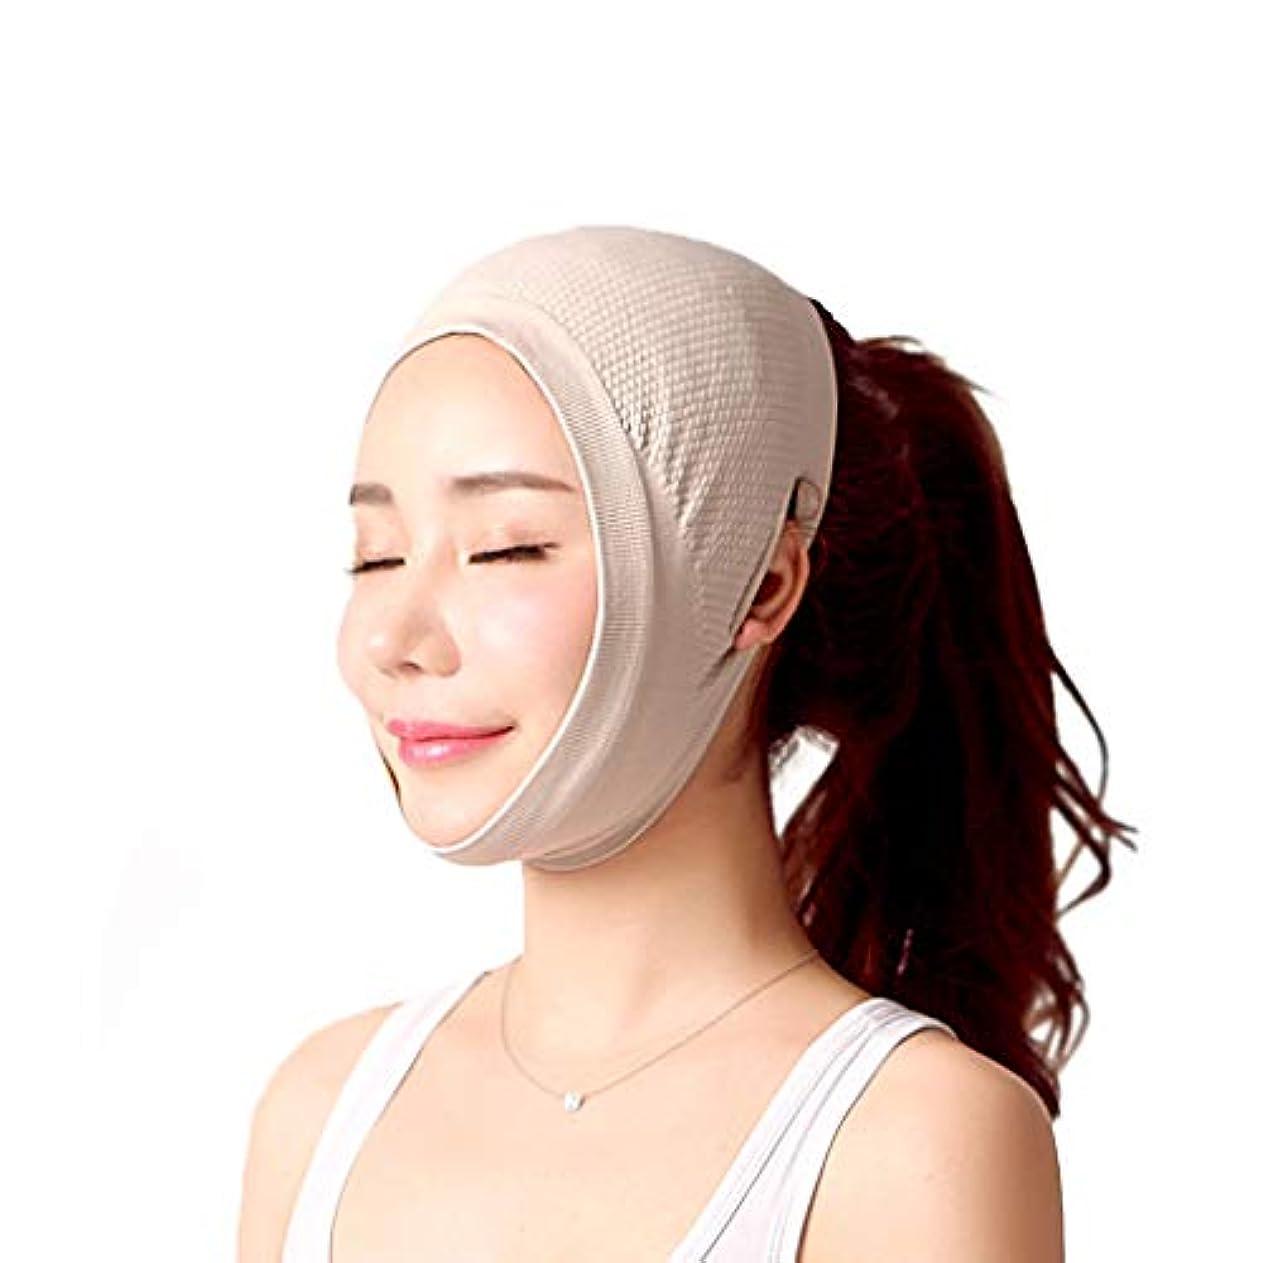 パーティション荒涼としたディーラーXHLMRMJ 顔痩身包帯、二重あご、二重あごを減らすために顔を持ち上げる、顔を引き締める、体重を減らすためのマスク(ワンサイズ)